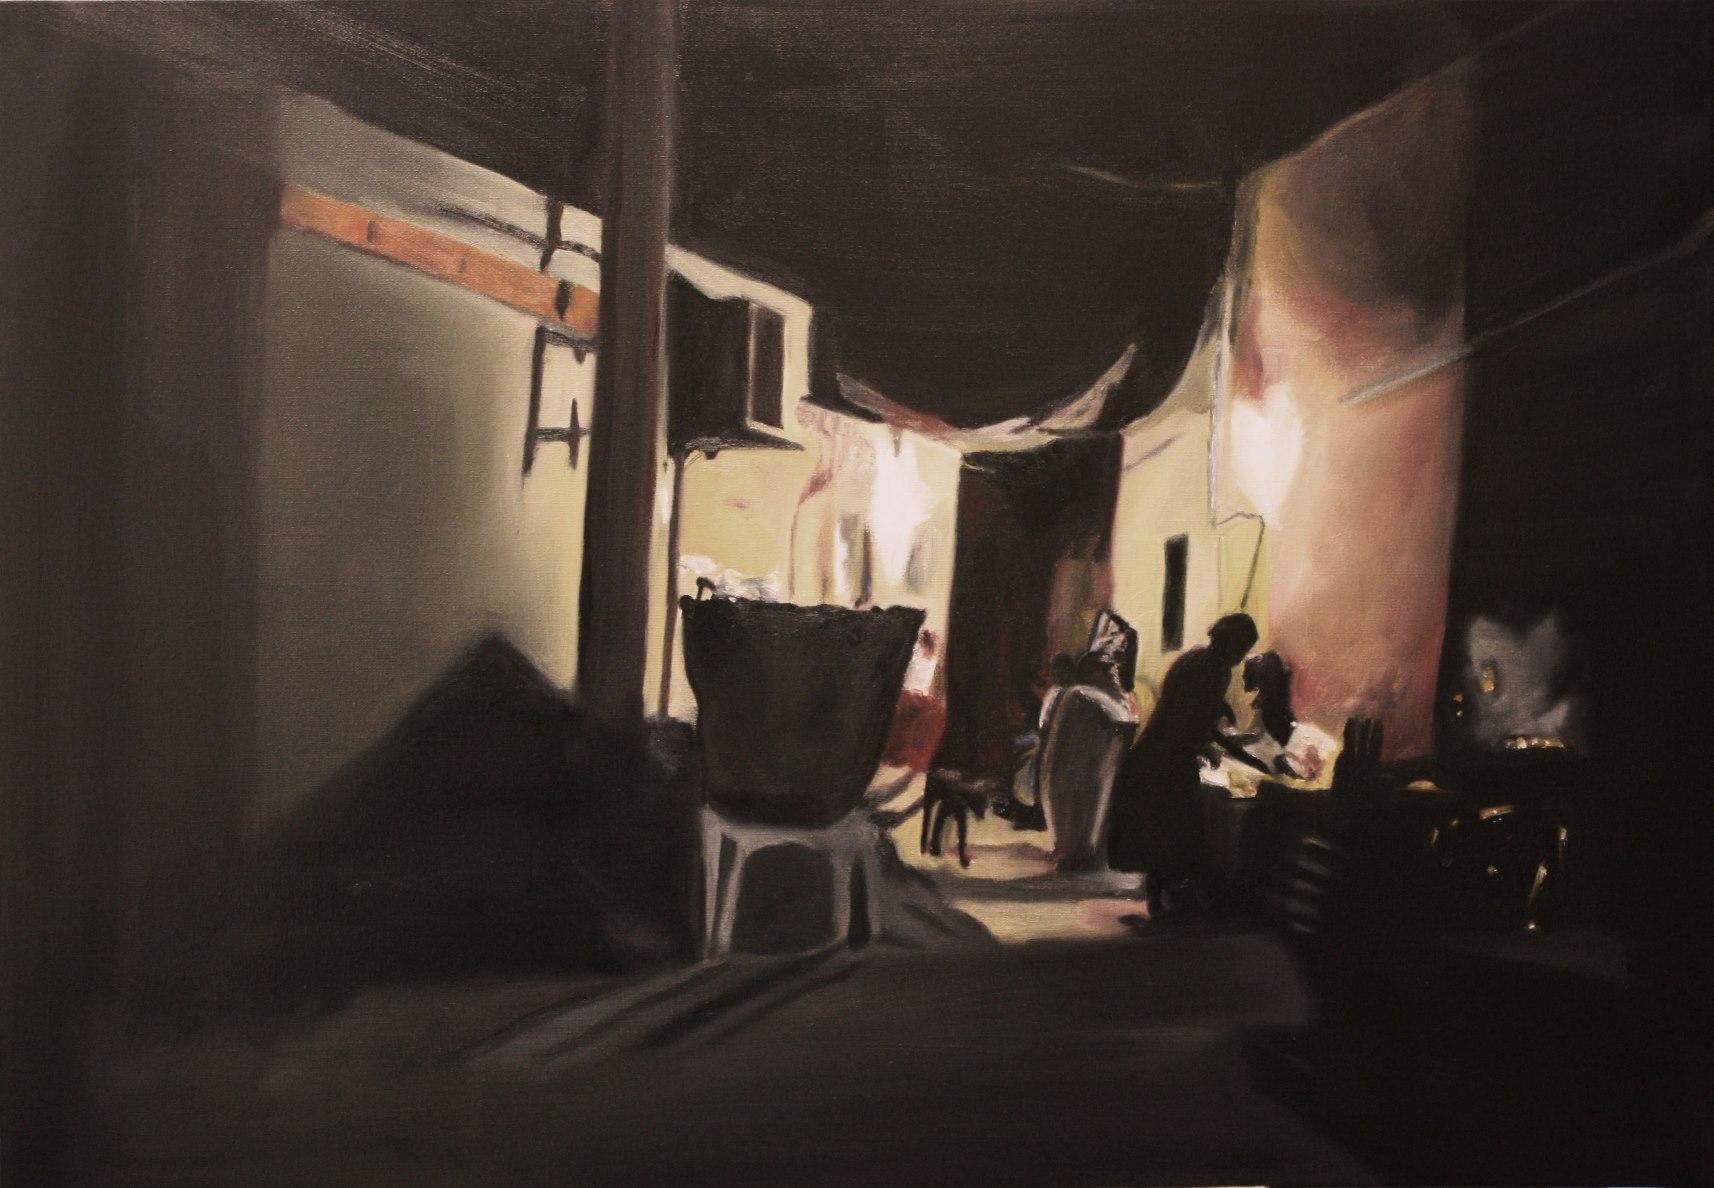 Luanda 26.08.2009 #1 Nightyard (2012) 100x70cm